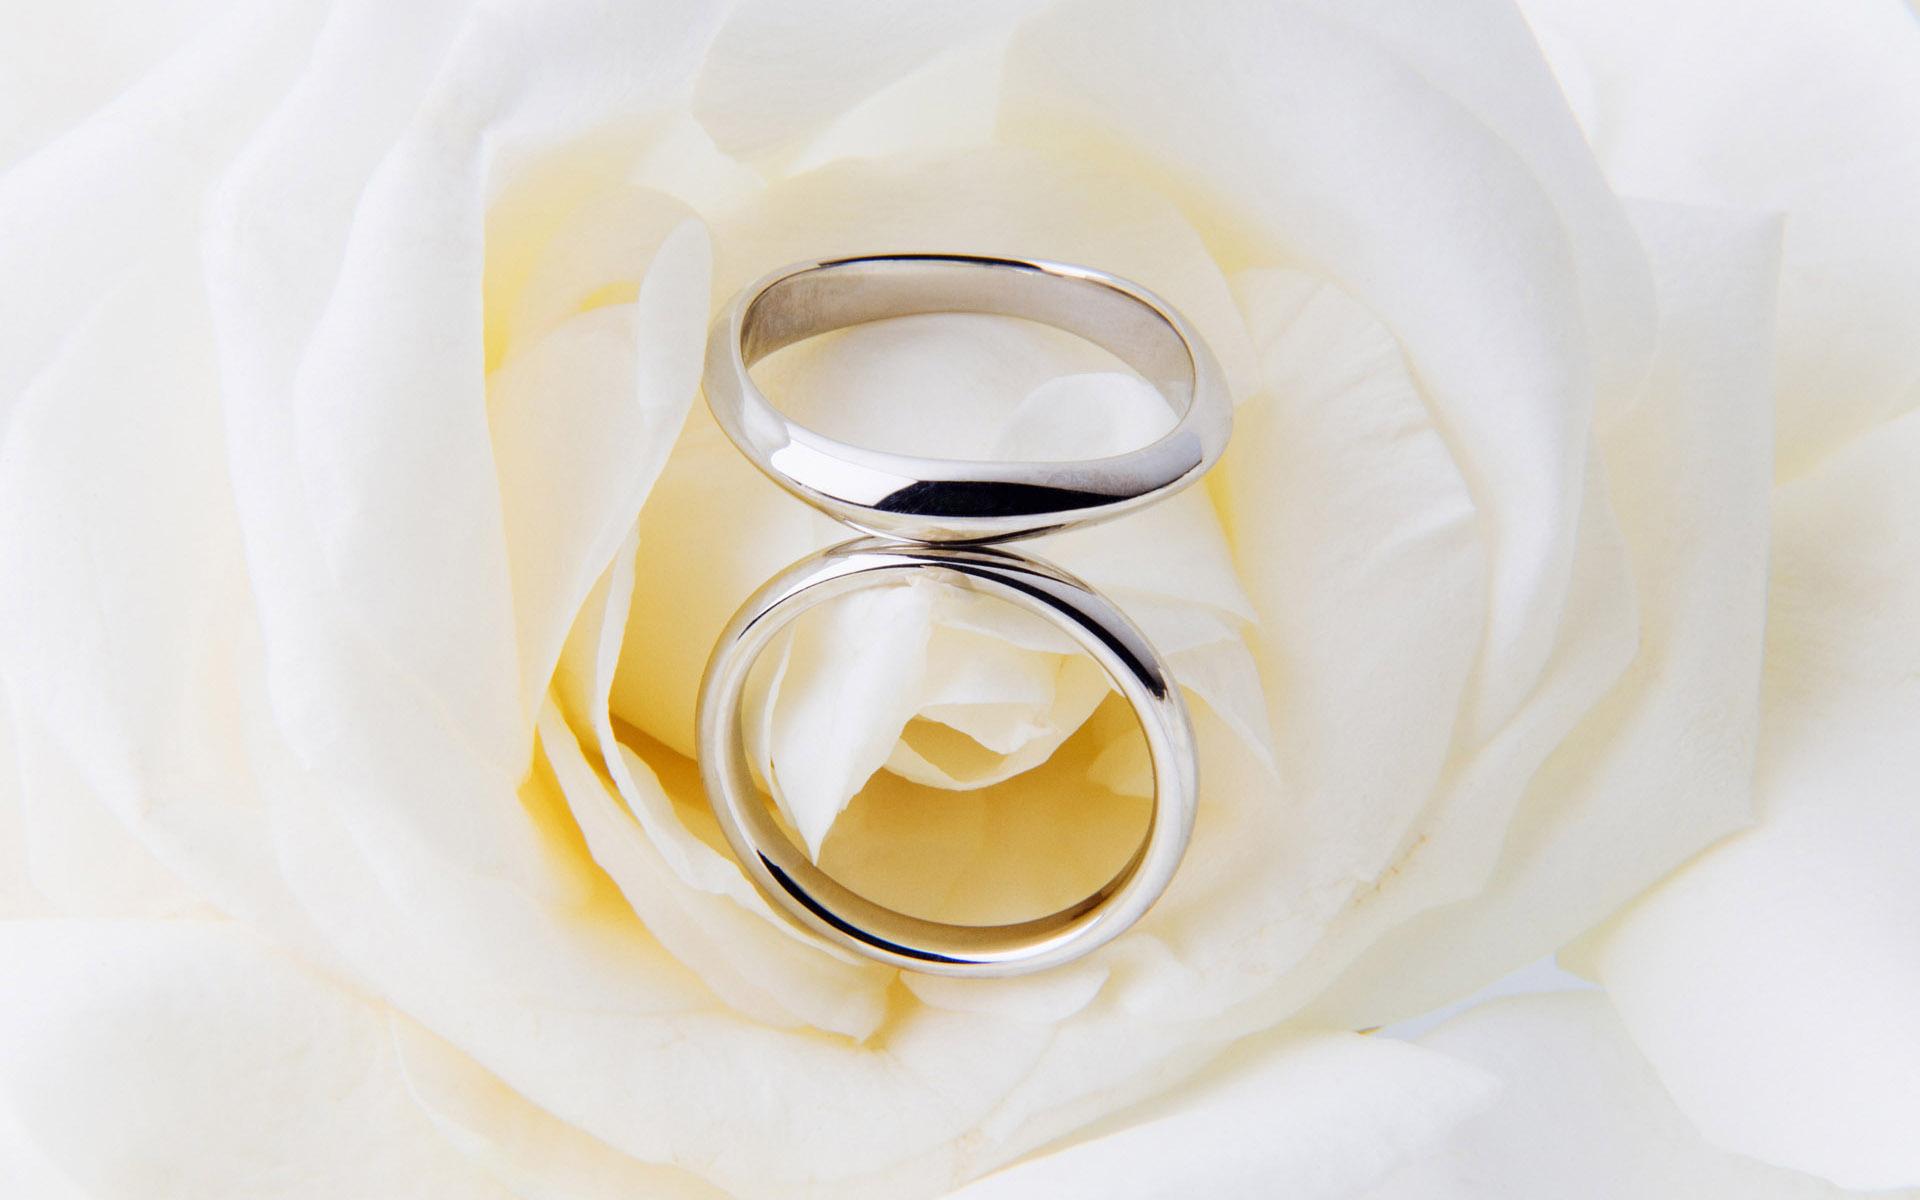 مجموعه ای از زیباترین مدل های حلقه ی ازدواج 2015